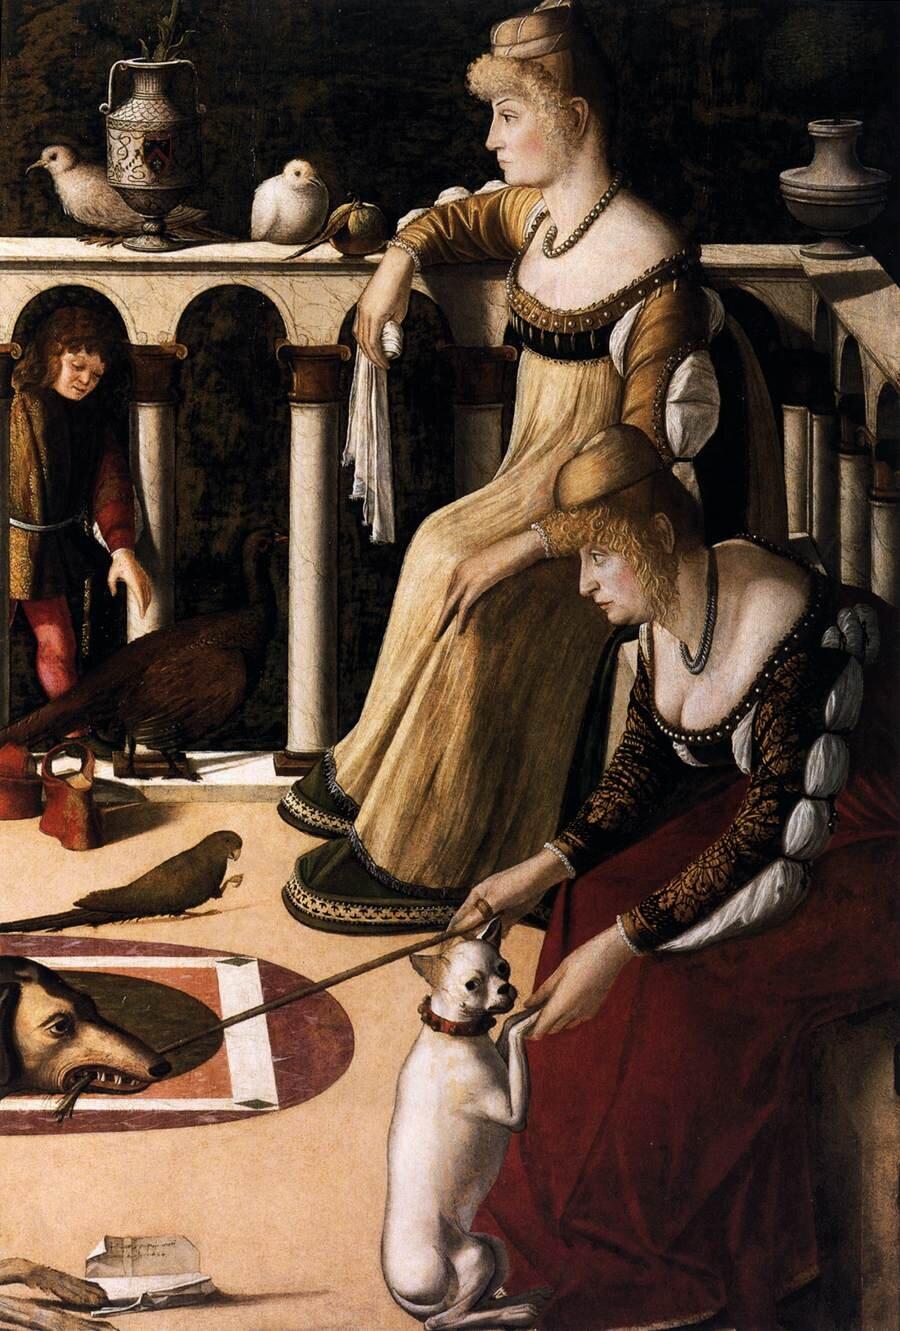 Dwie weneckie panie Źródło: Vittore Carpaccio, Dwie weneckie panie, olej na desce, Museo Correr, domena publiczna.